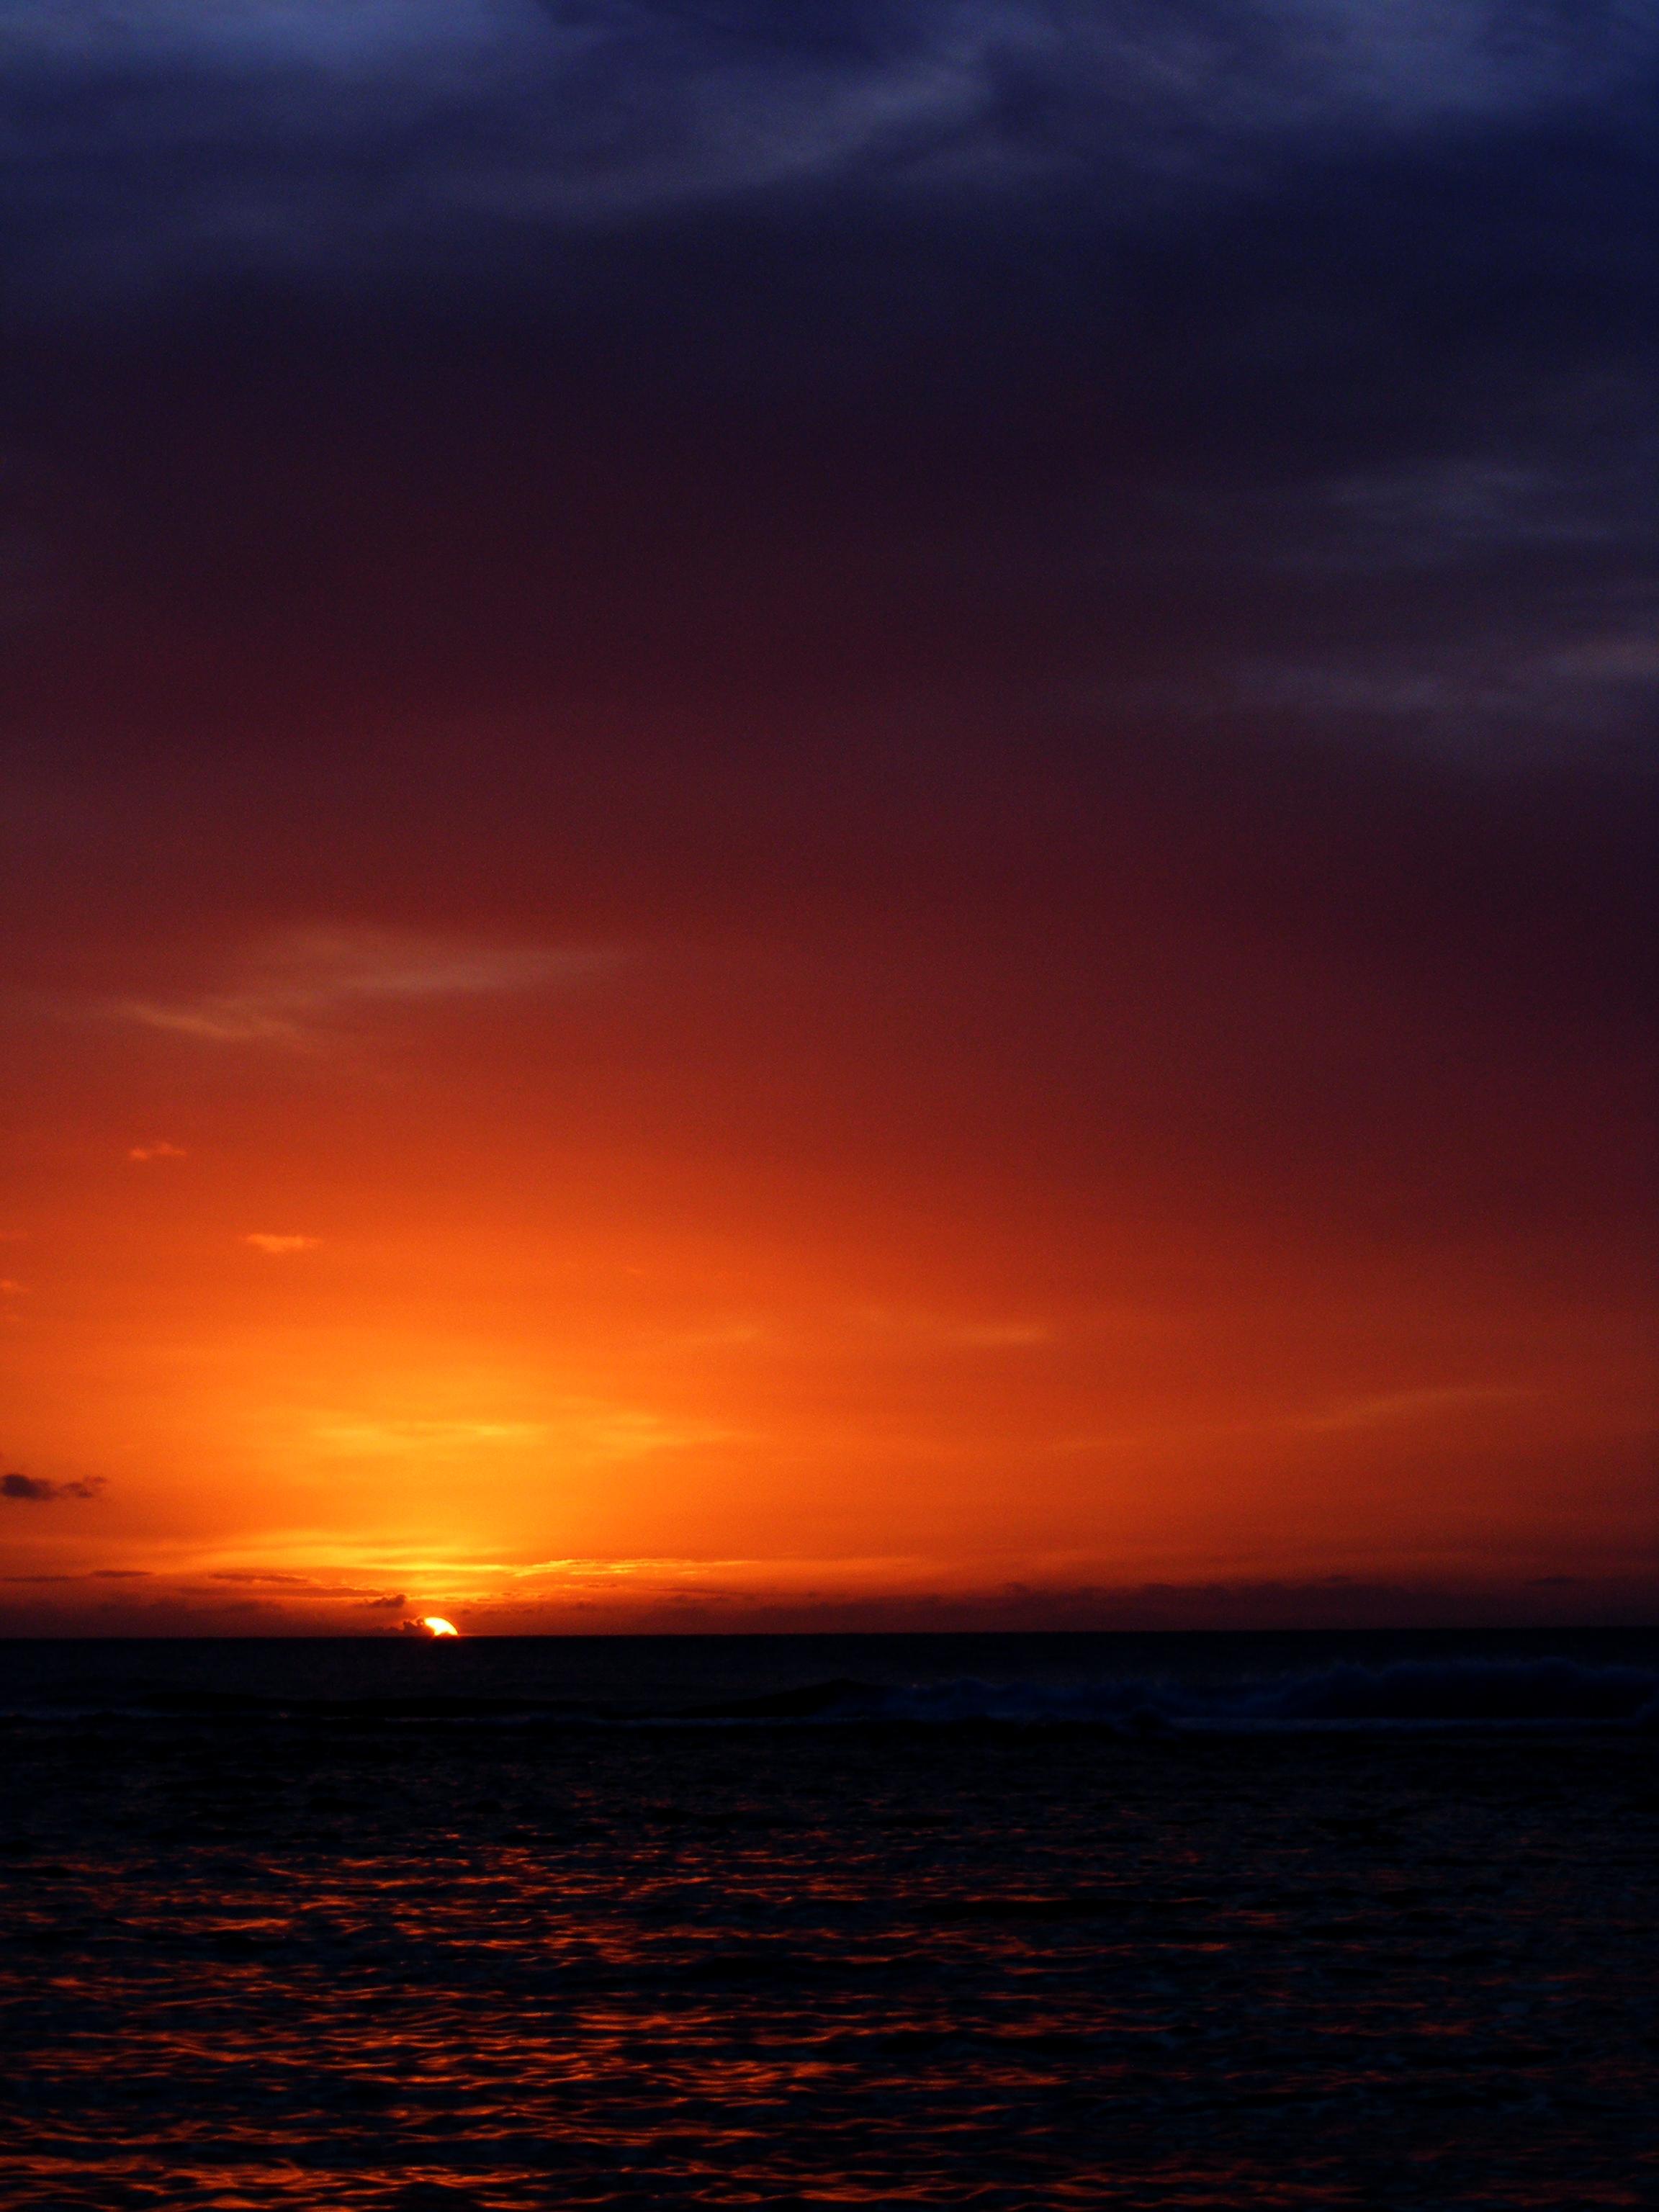 Kauai sunset 01 darkened.jpg